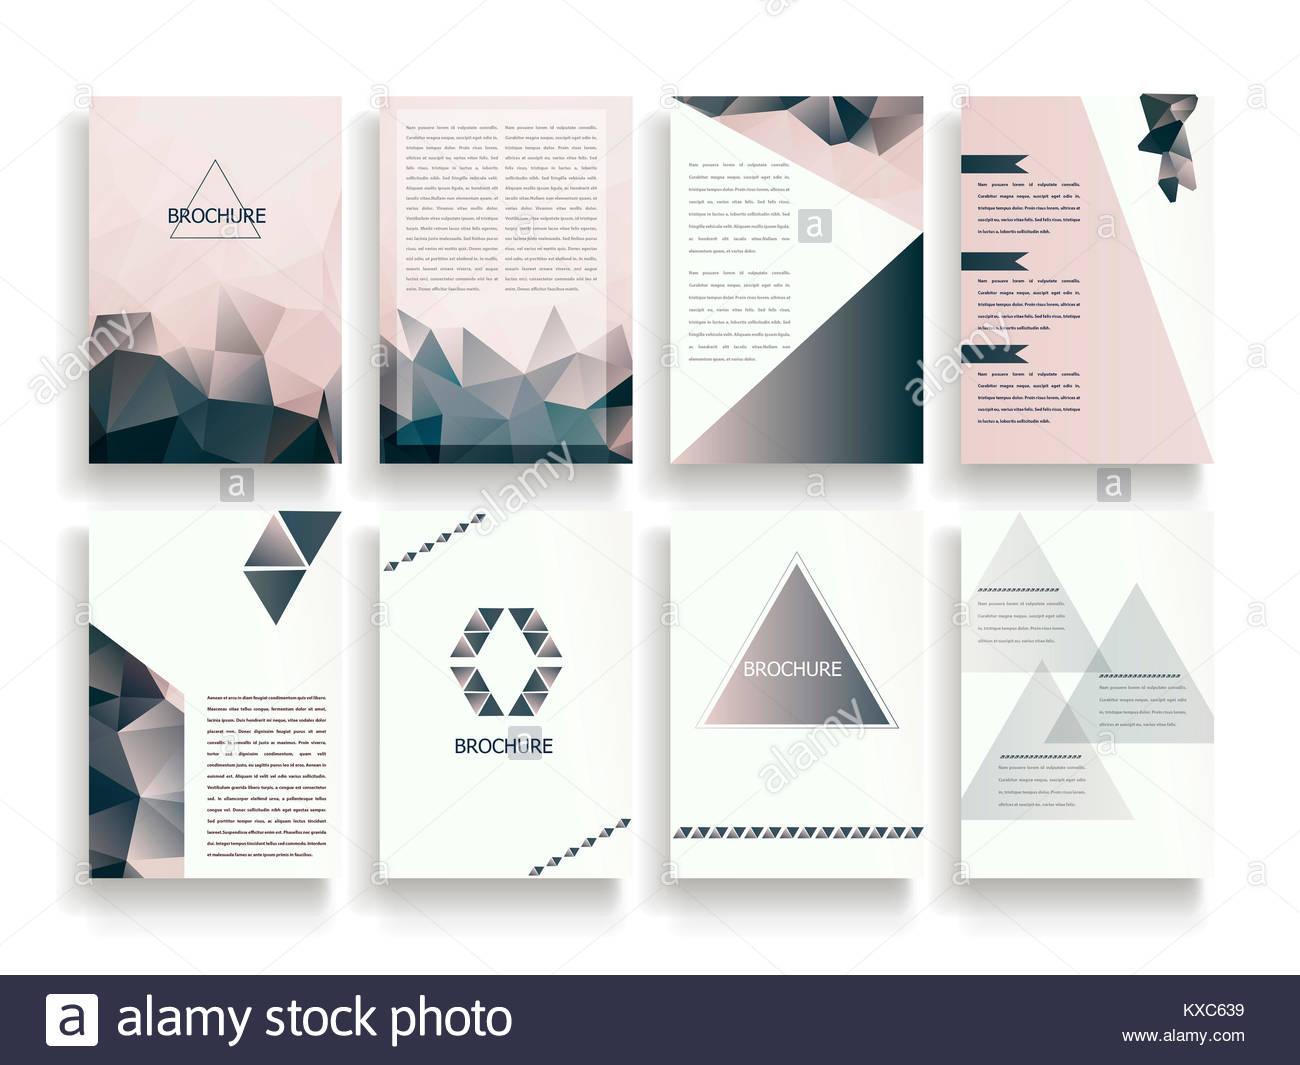 Elegant Brochure Template Design Set With Translucent Polygon - Elegant brochure templates